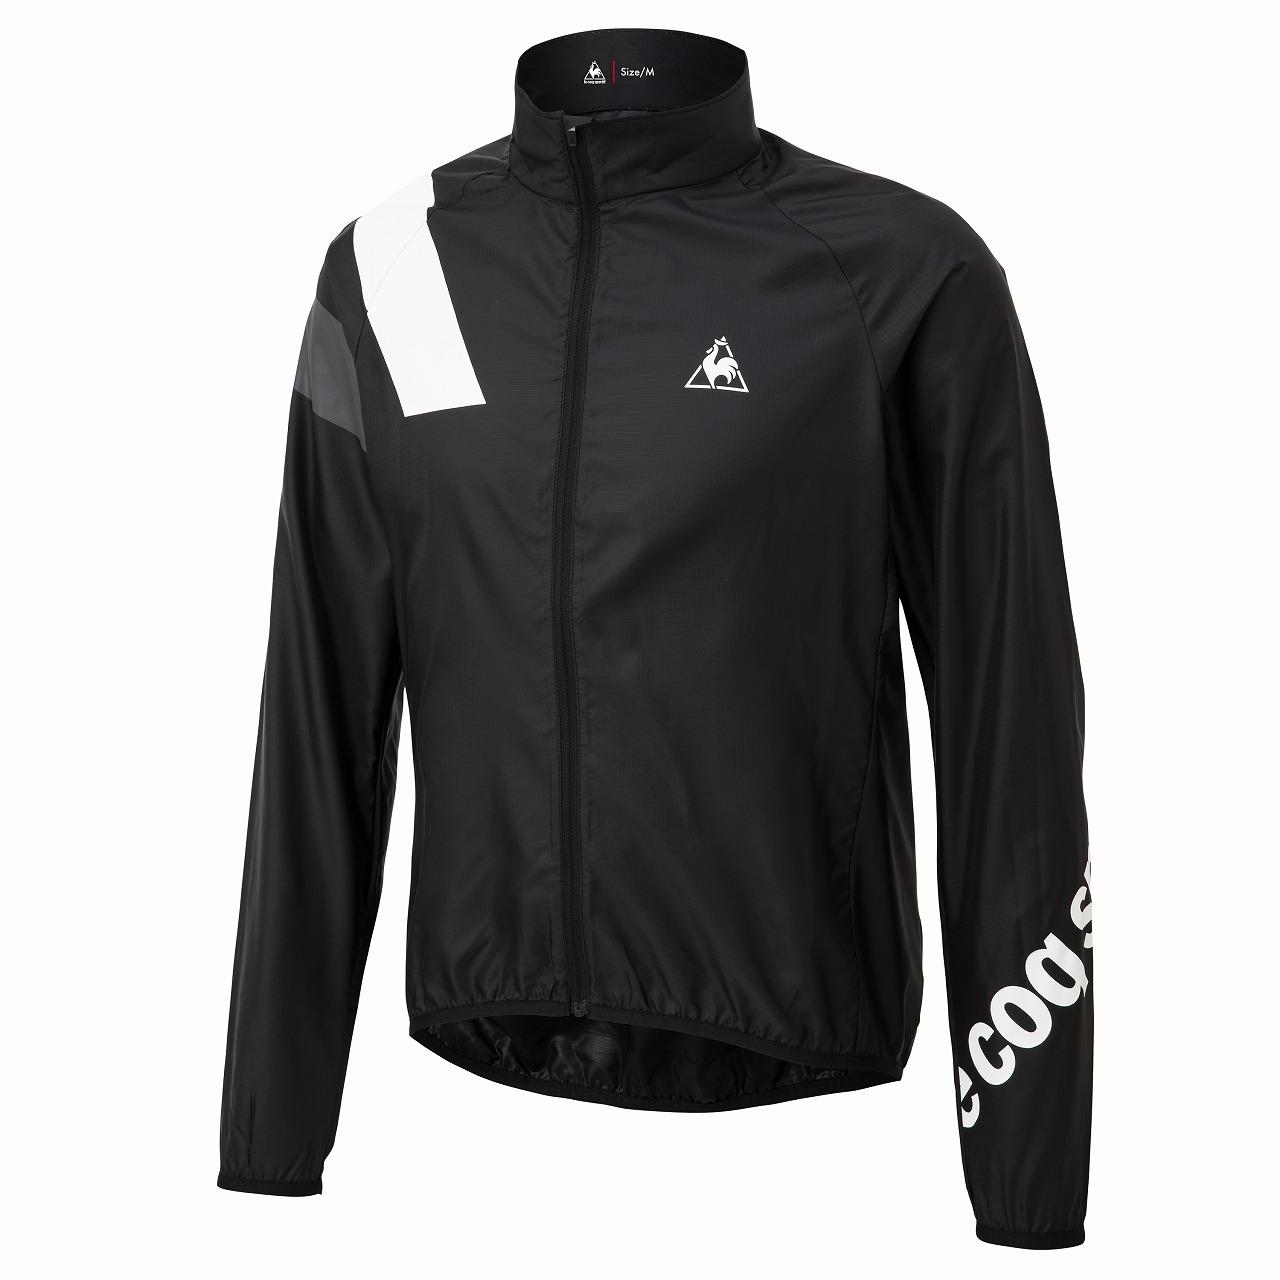 Le coq sportif ( ルコックスポルティフ ) 20SS QCMPGC21 CLEAR JACKET ジャケット ブラック L